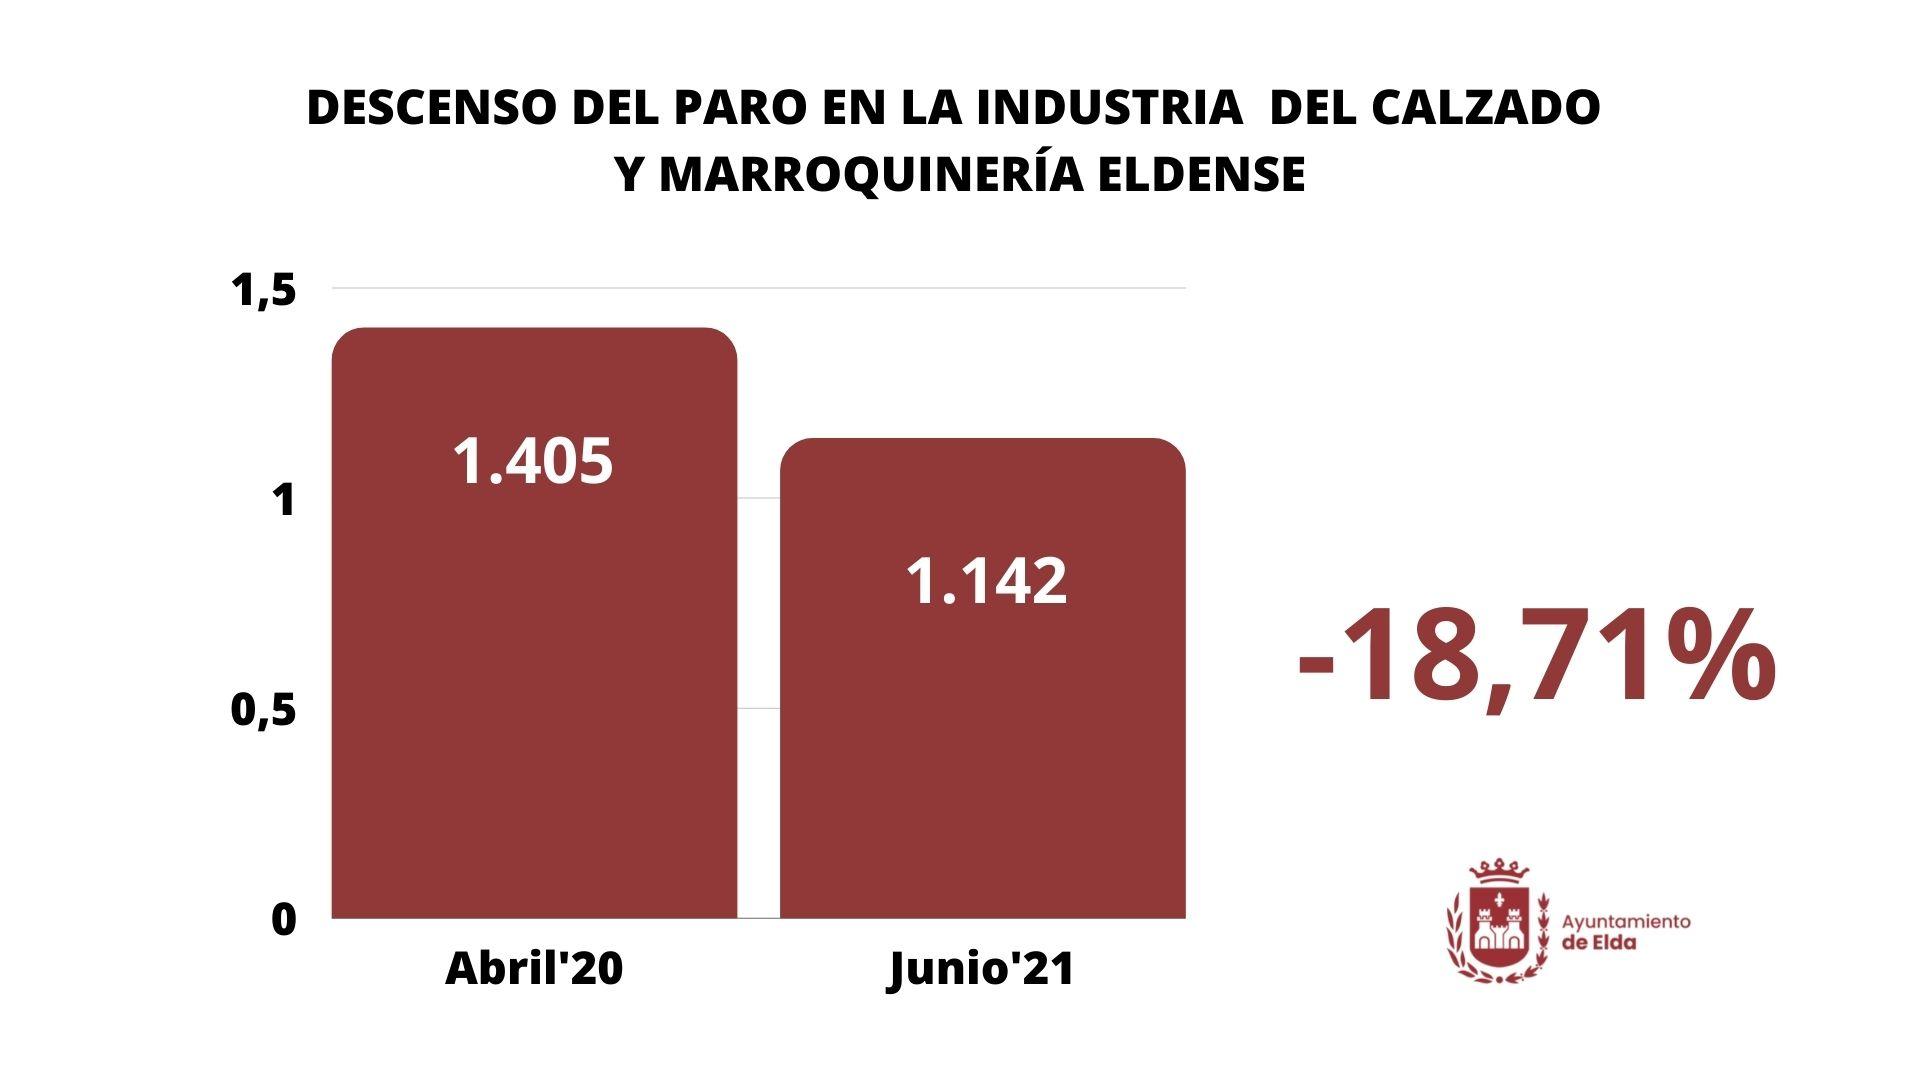 El desempleo en la industria del calzado y marroquinería de Elda se sitúa por primera vez por debajo de los meses previos a la pandemia